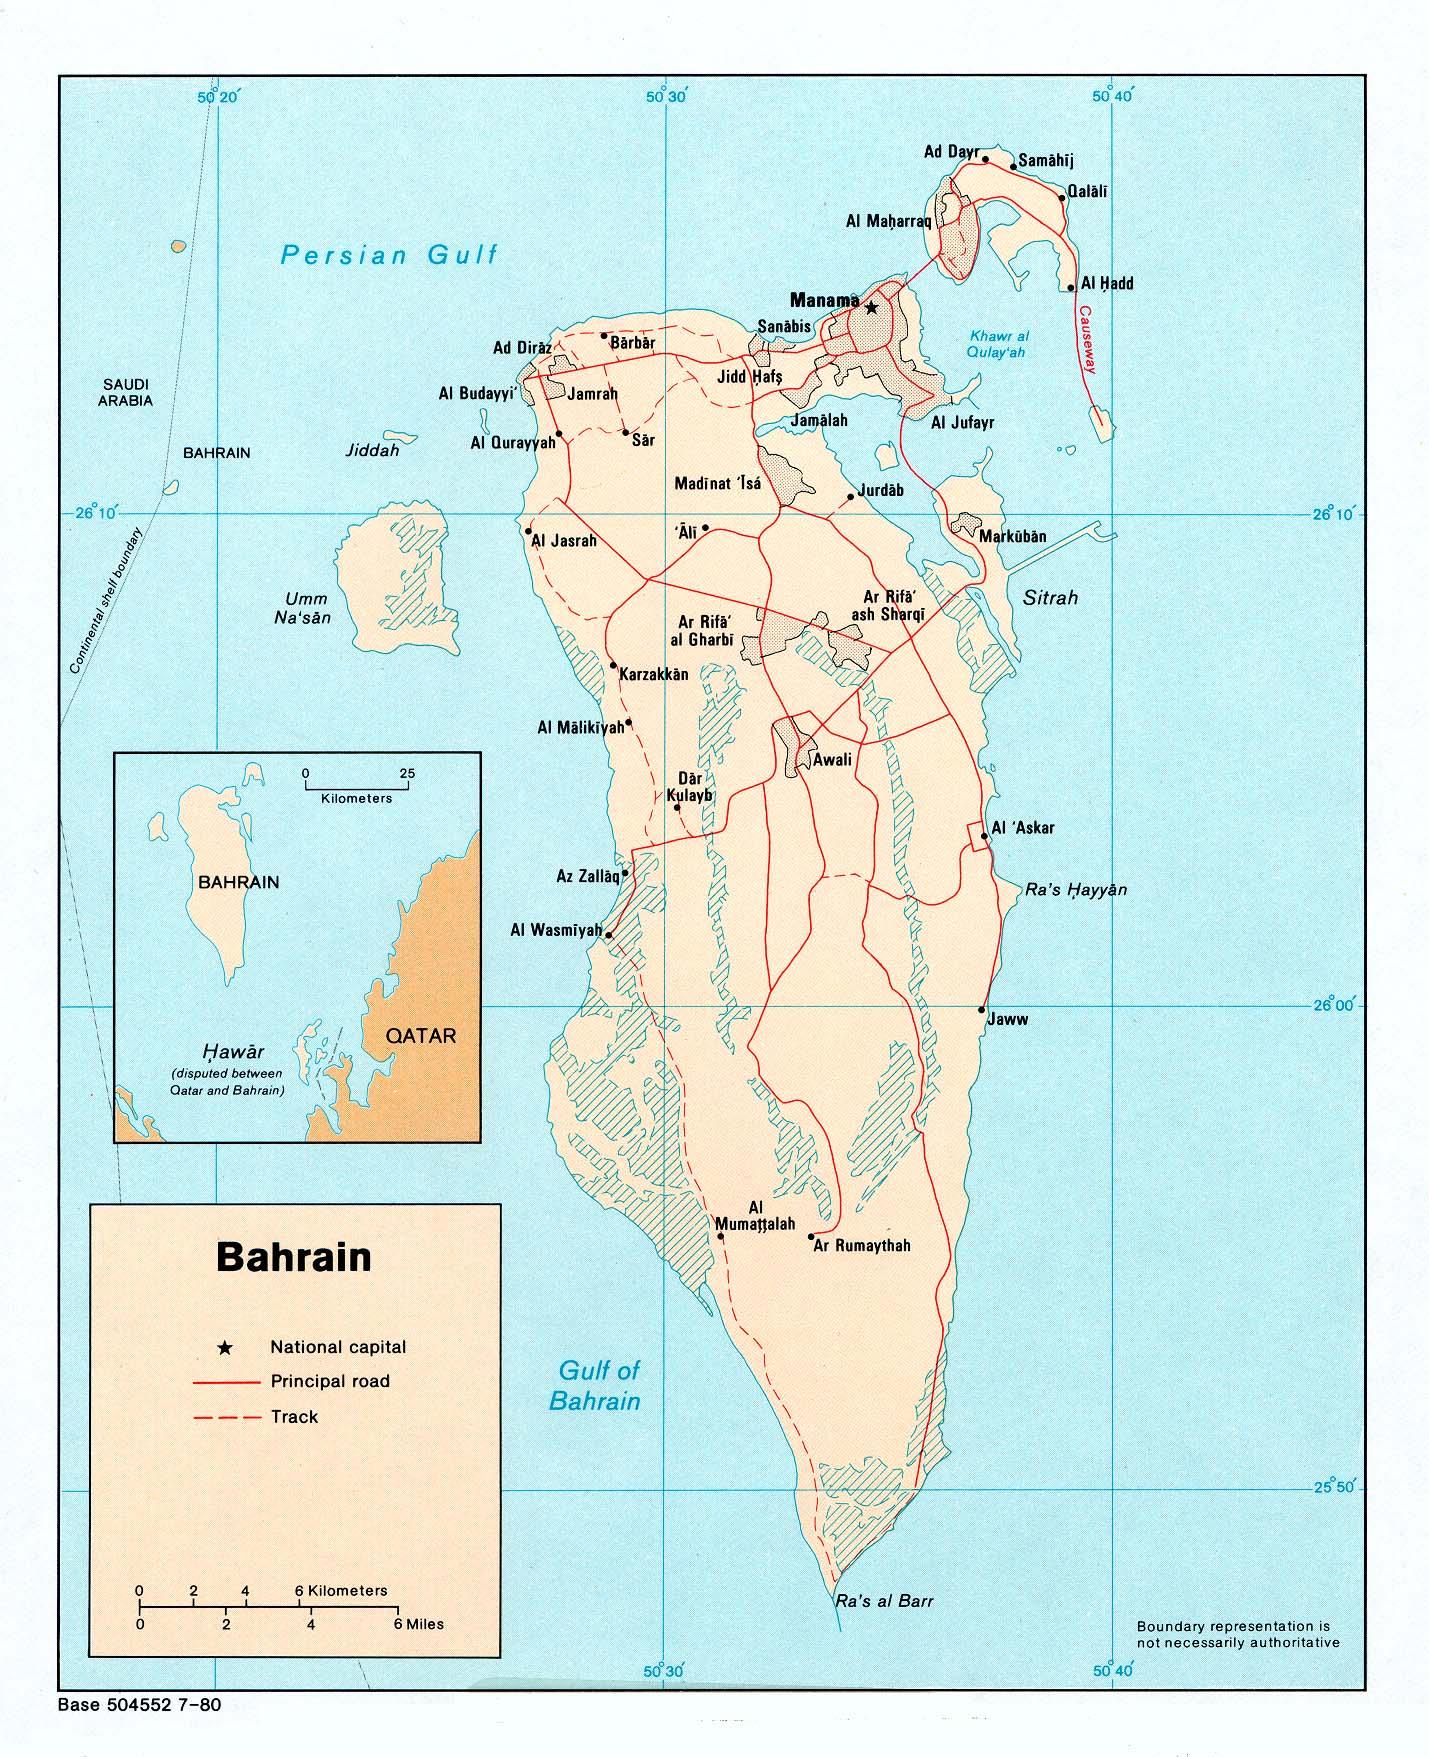 Free Bahrain Maps - Bahrain interactive map